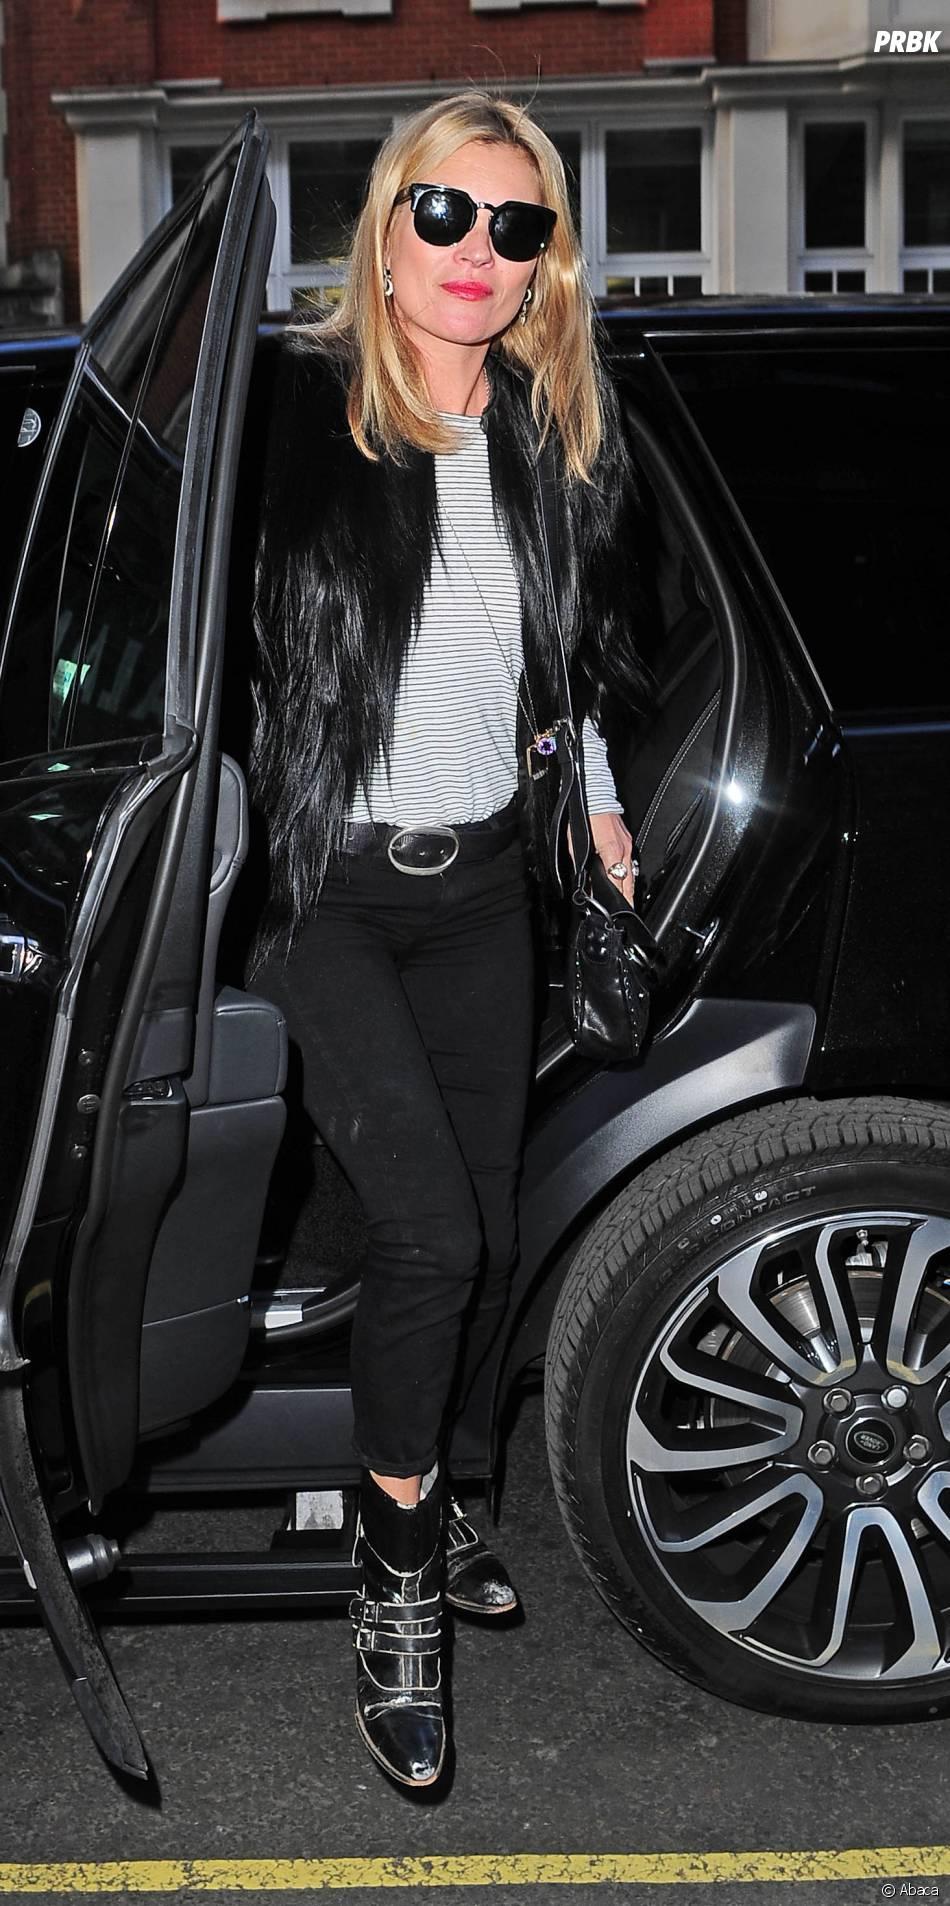 Kate Moss au coeur d'un vol polémique chez Easy Jet le dimanche 7 juin